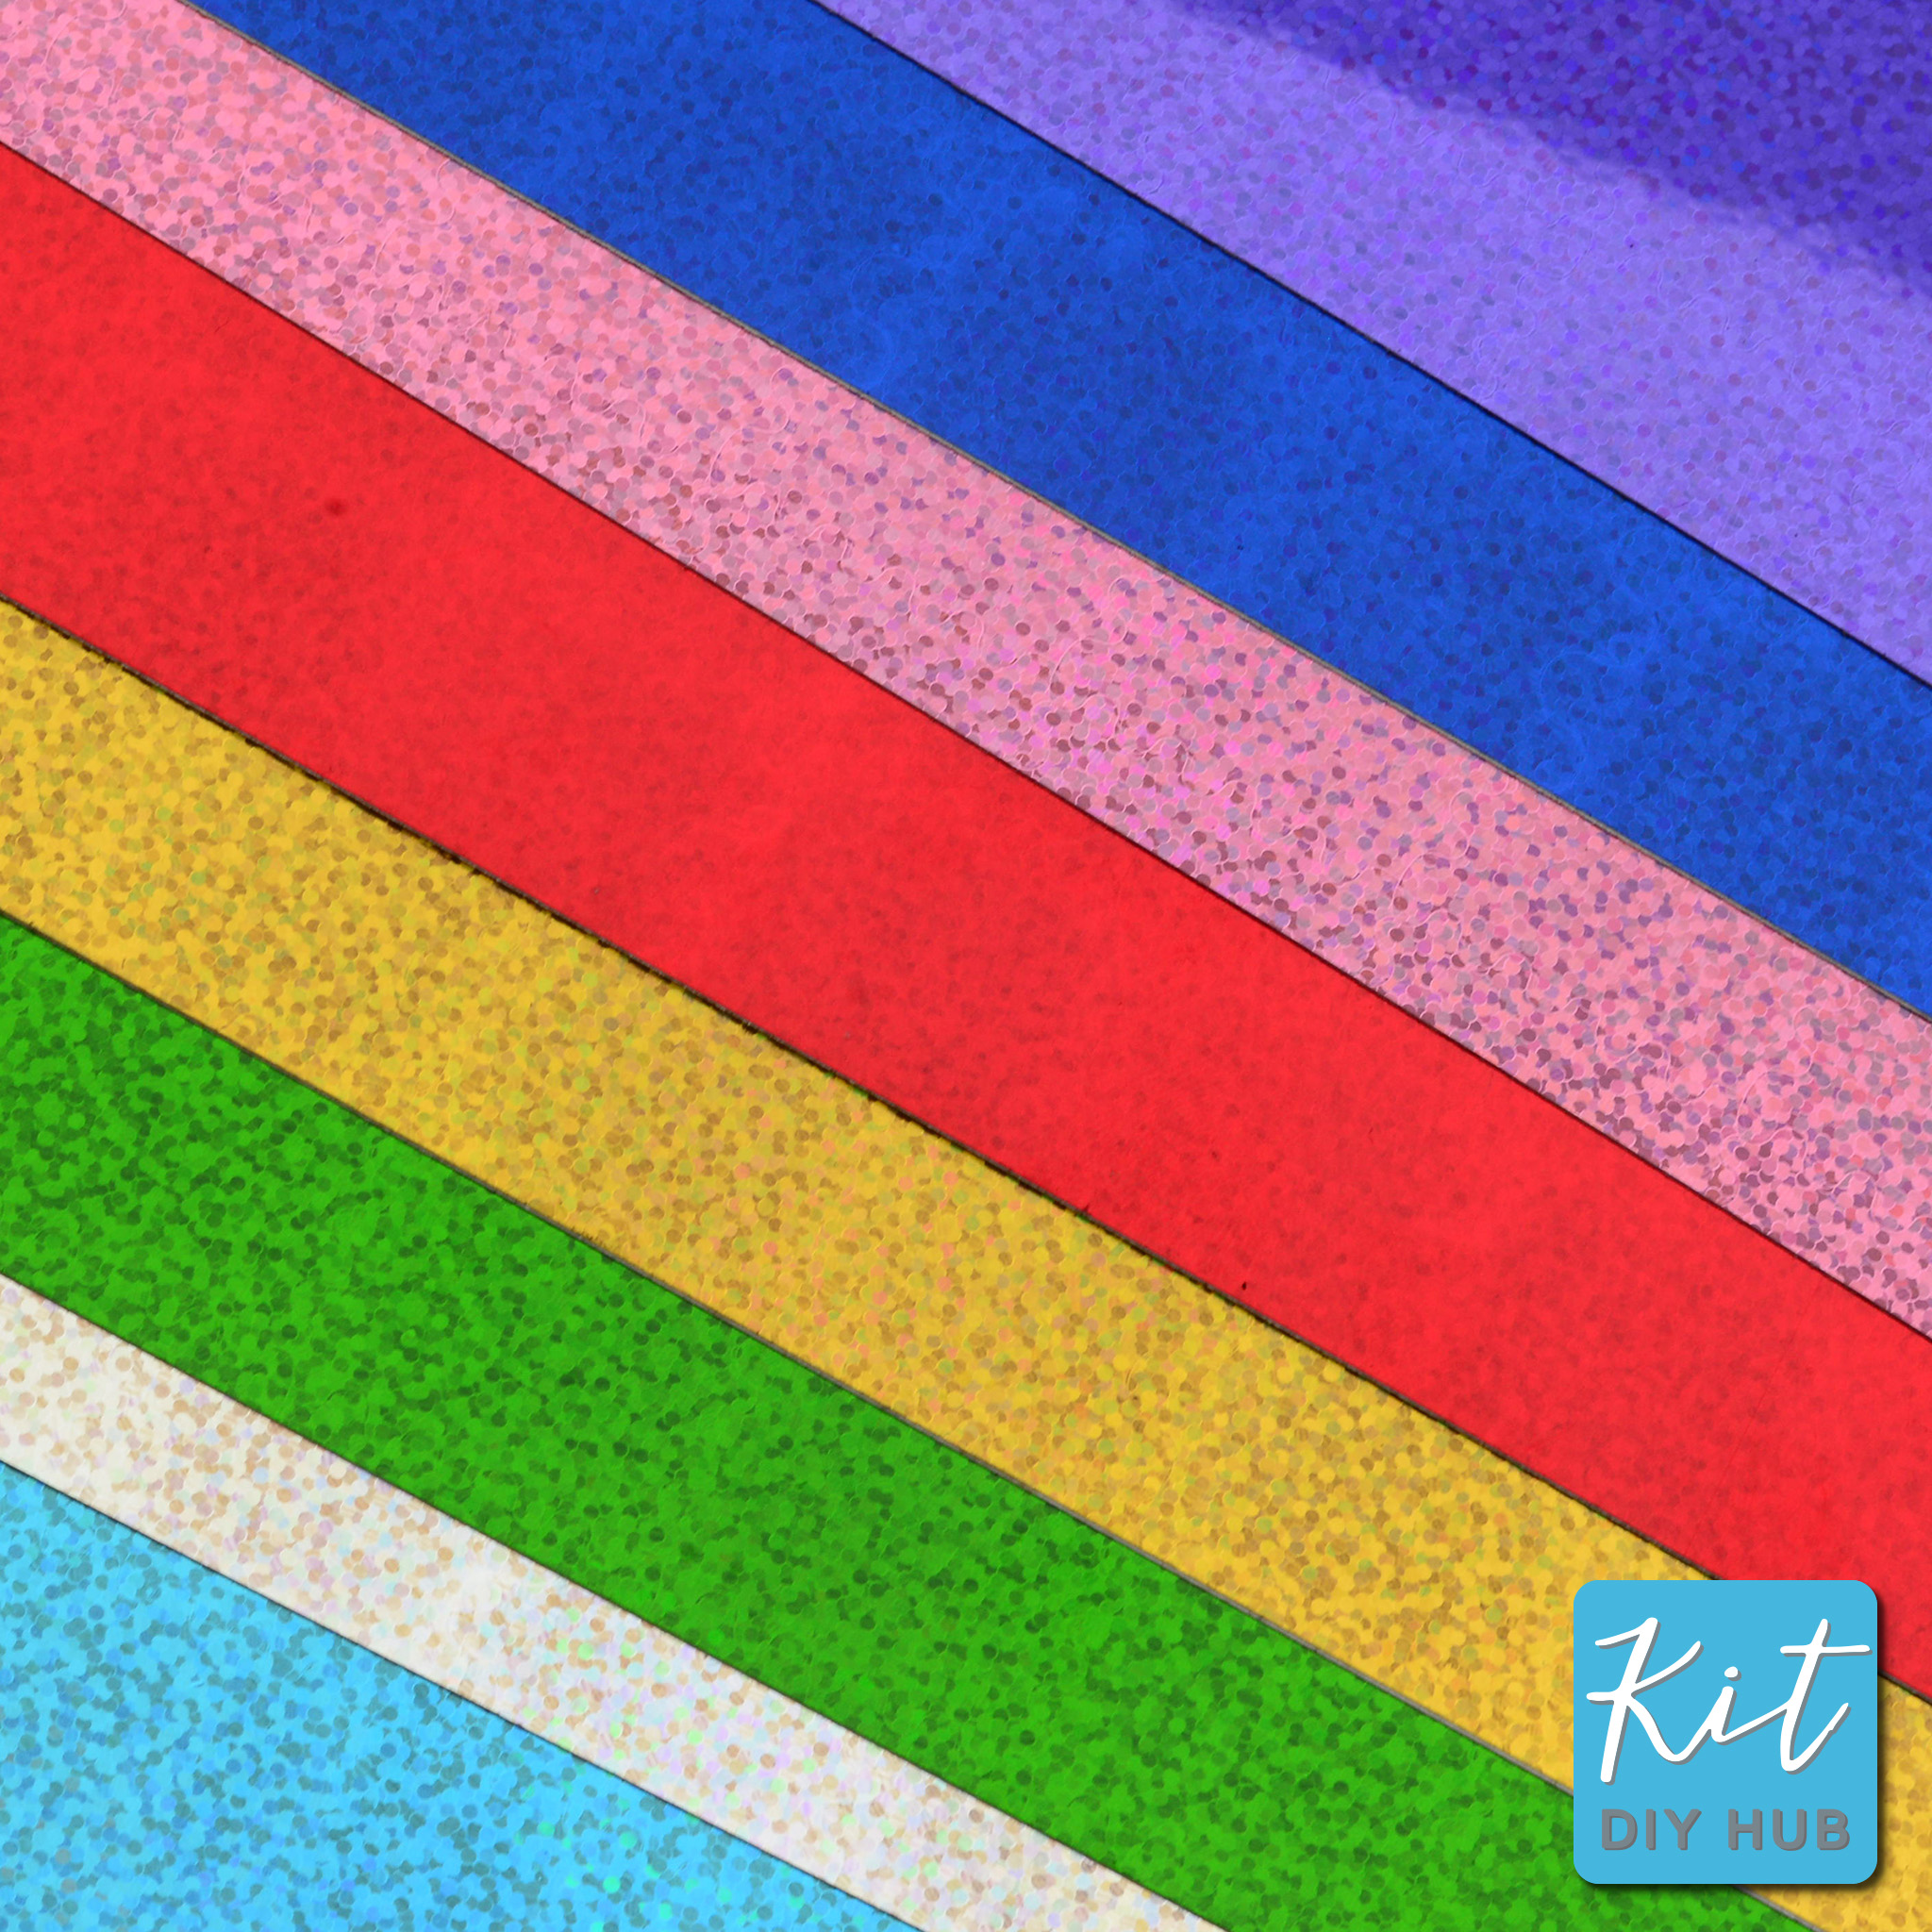 สติ๊กเกอร์ เลเซอร์ ลายจุด 9 สี